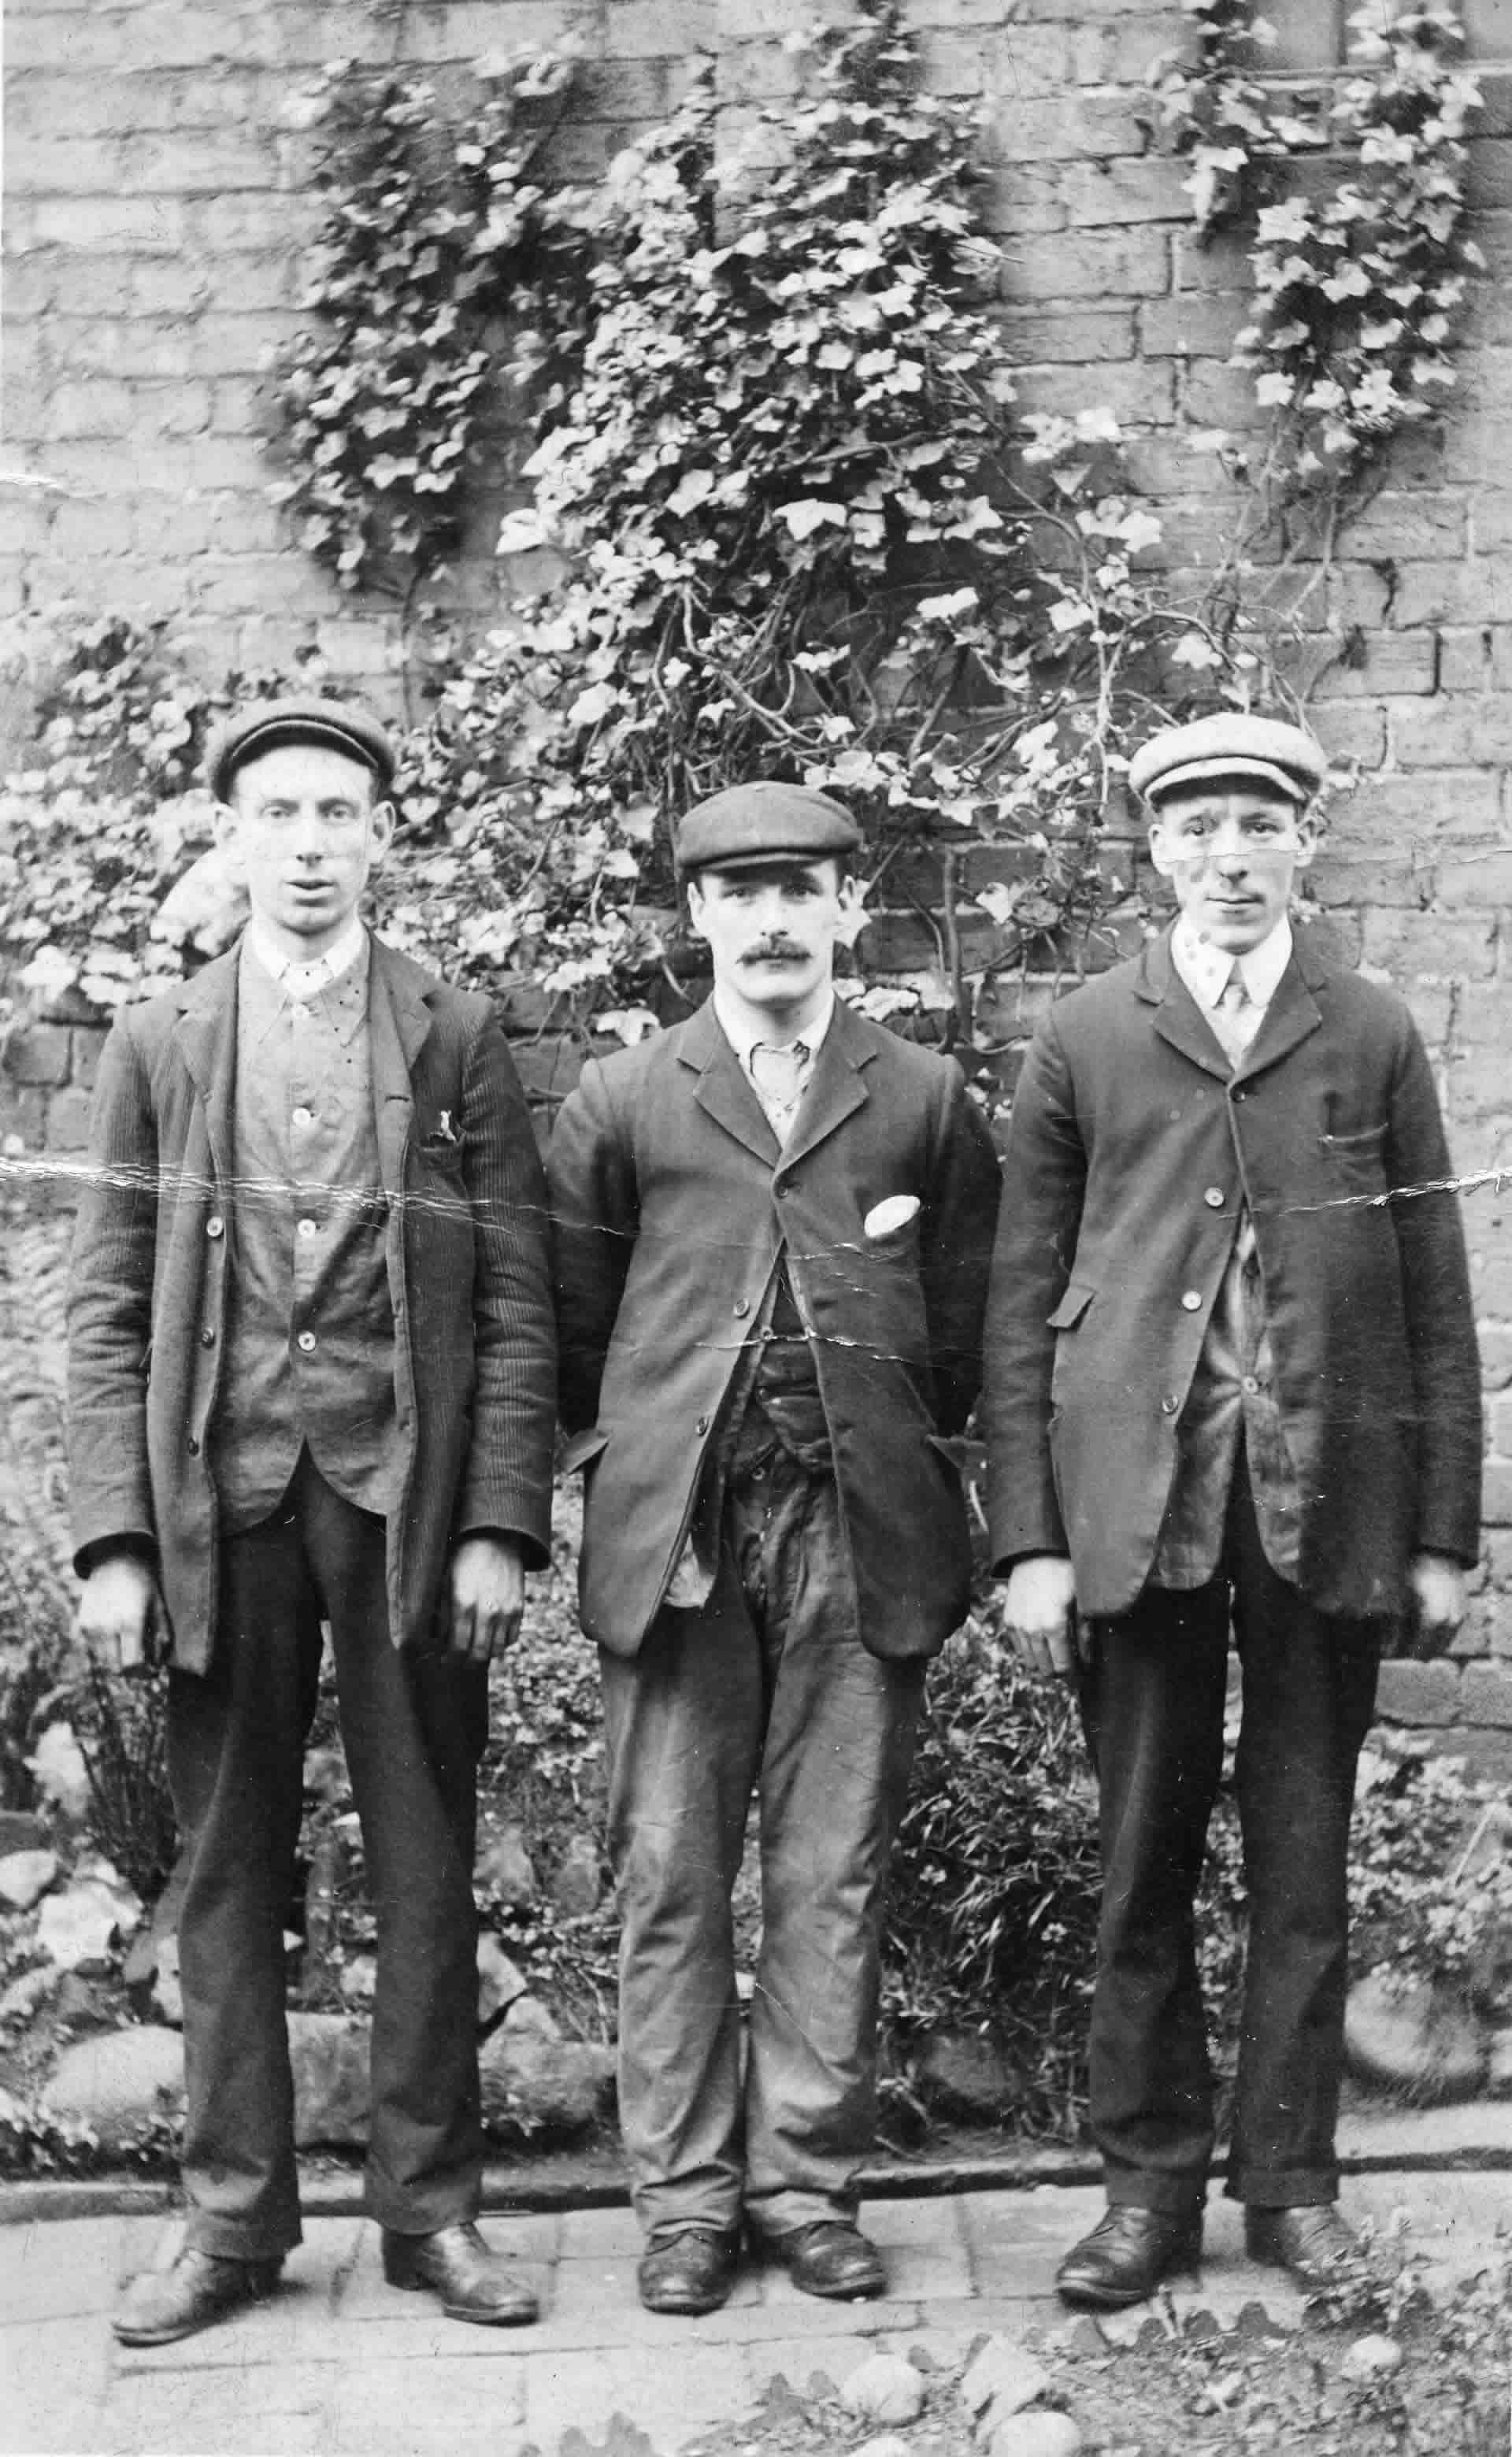 Edwardian Working Class